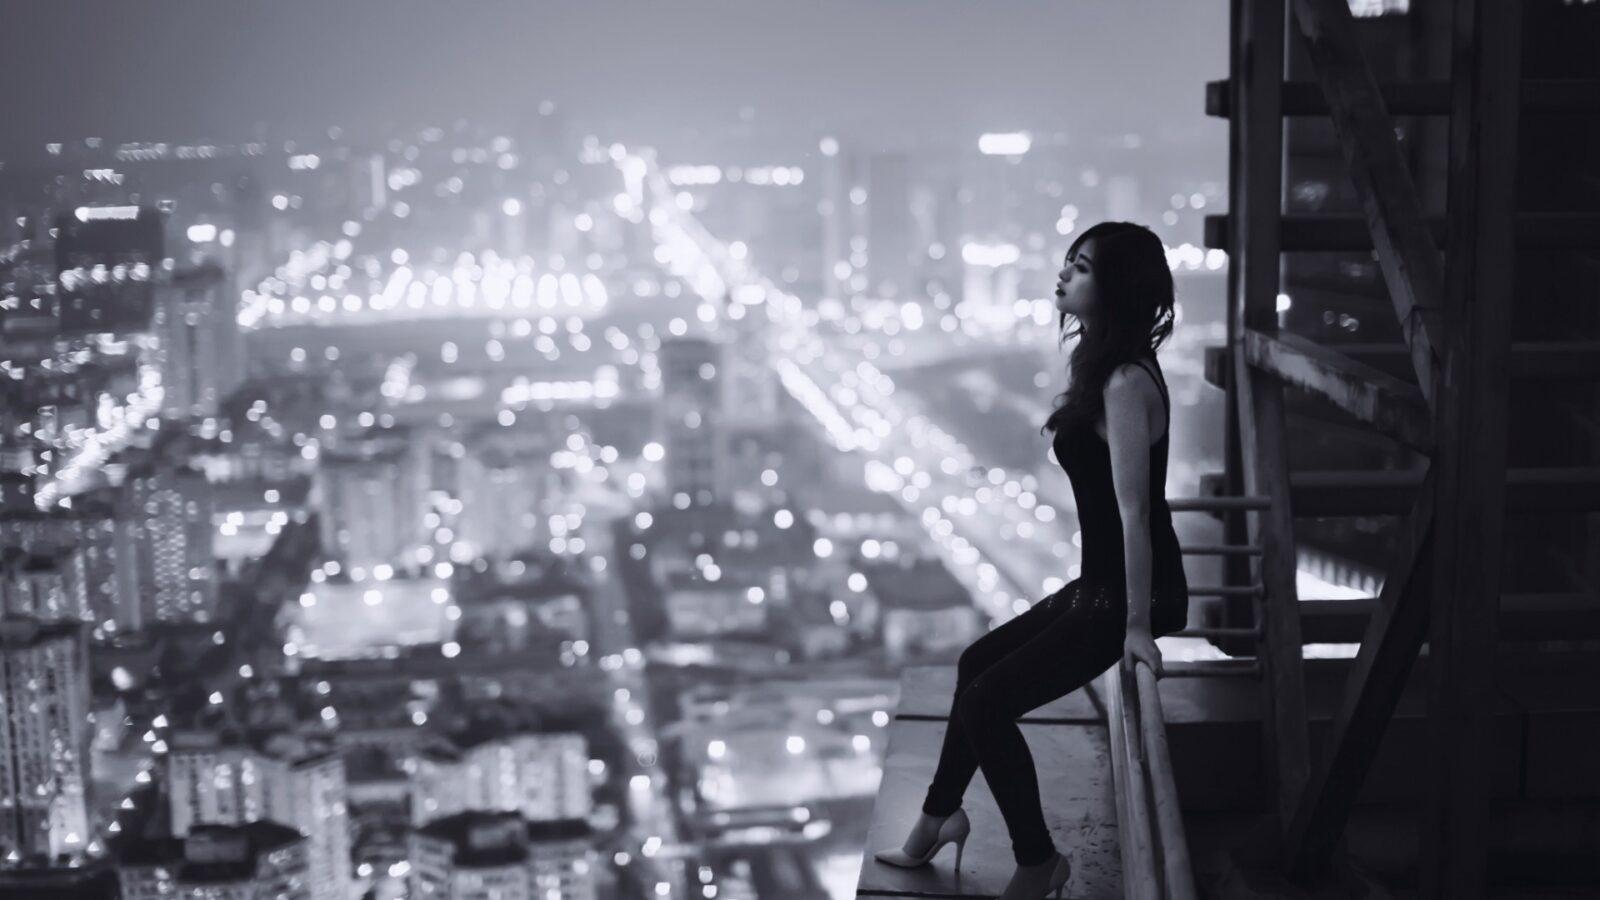 Отношения наизнанку: современная женщина, кто ты, и о чем плачешь по ночам?